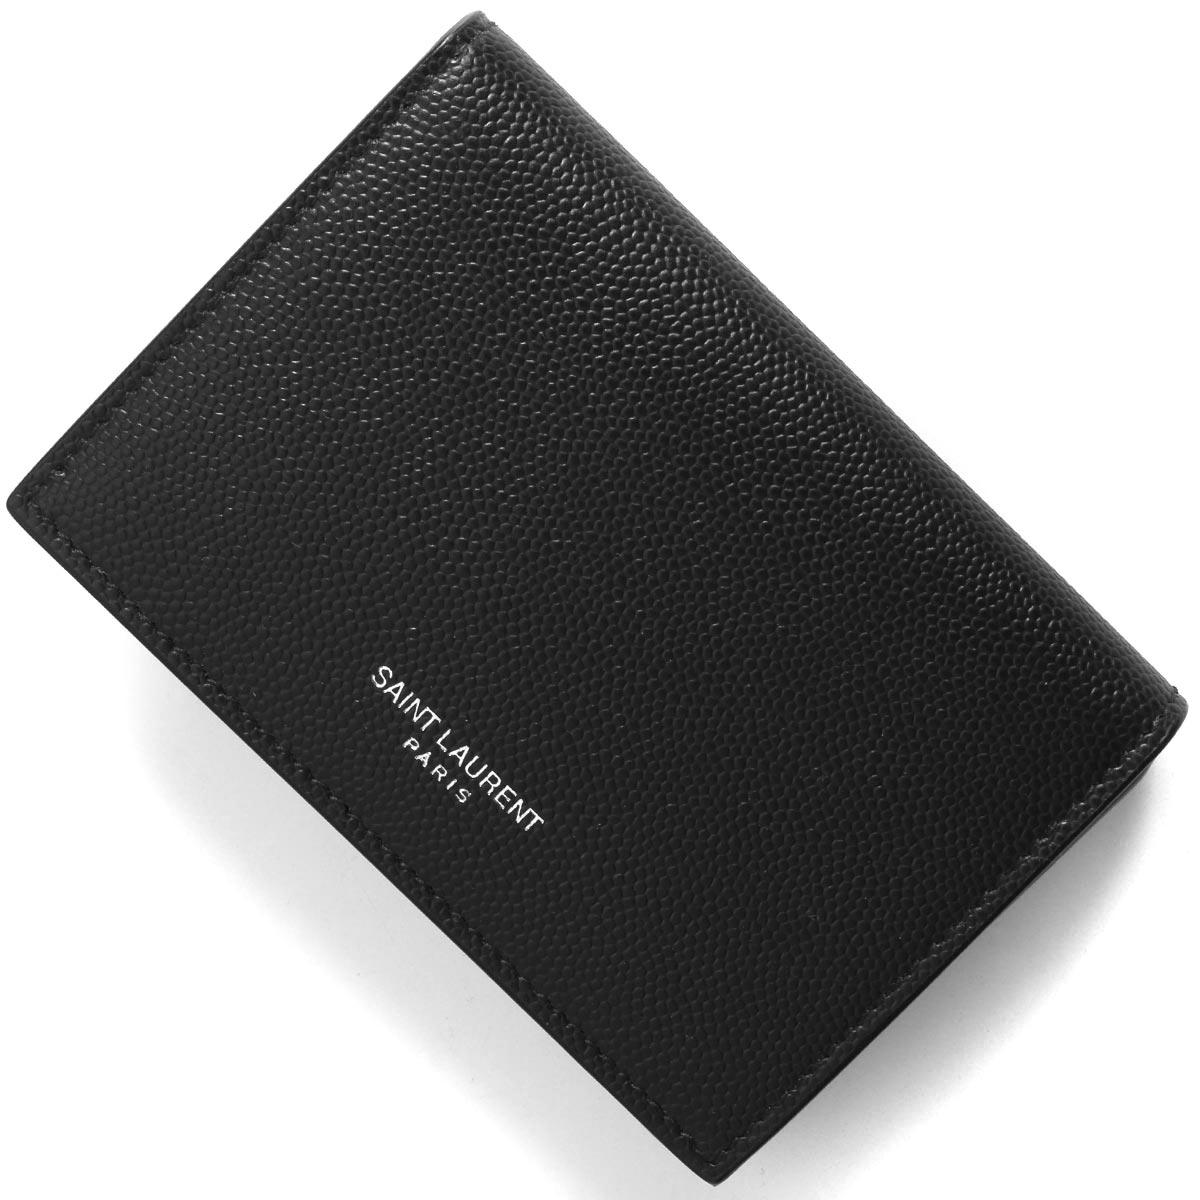 あす楽送料無料 サンローランパリ イヴサンローラン カードケース 名刺入れ メンズ 国内即発送 レディース クラシック ブラック LAURENT BTY7N 2021年春夏新作 日本 469338 SAINT 1000 PARIS